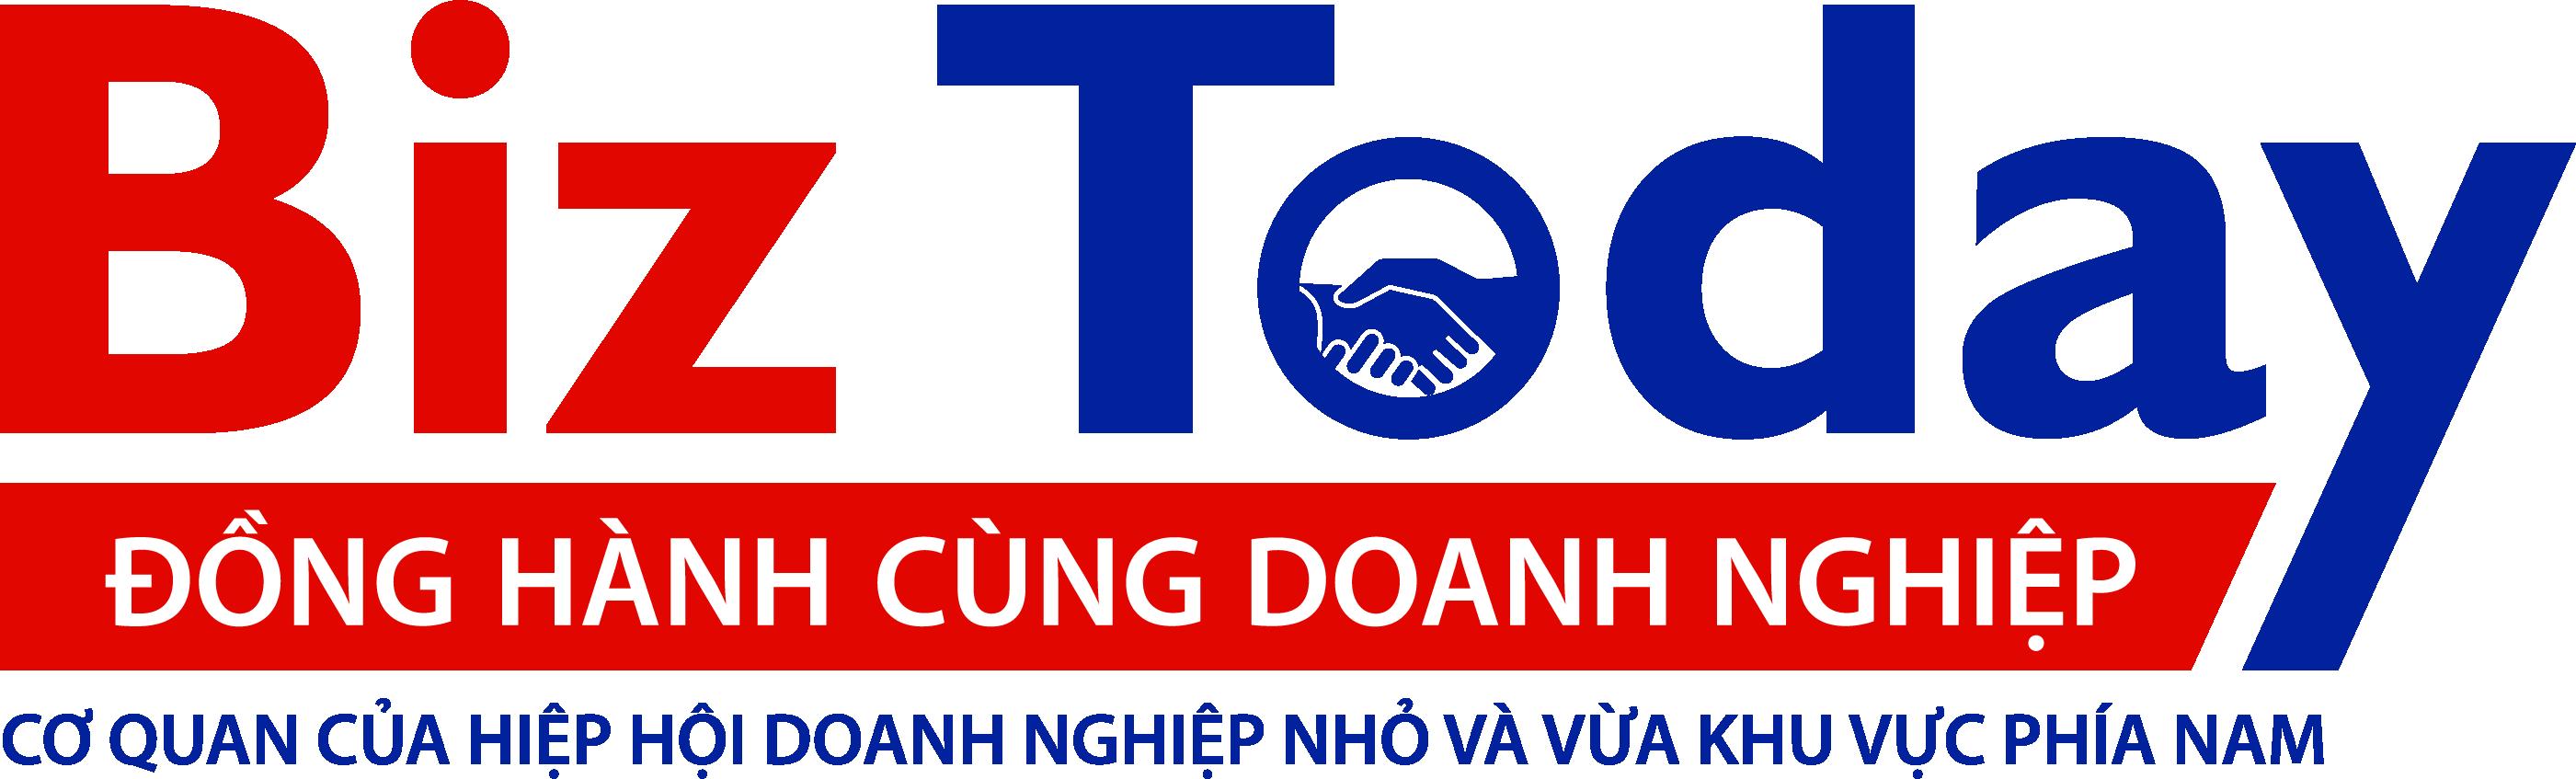 Chan Dung Phạm Nhật Vinh Tổng Giam đốc Cong Ty Nguyễn Kim Vừa Bị Truy Na Biztoday